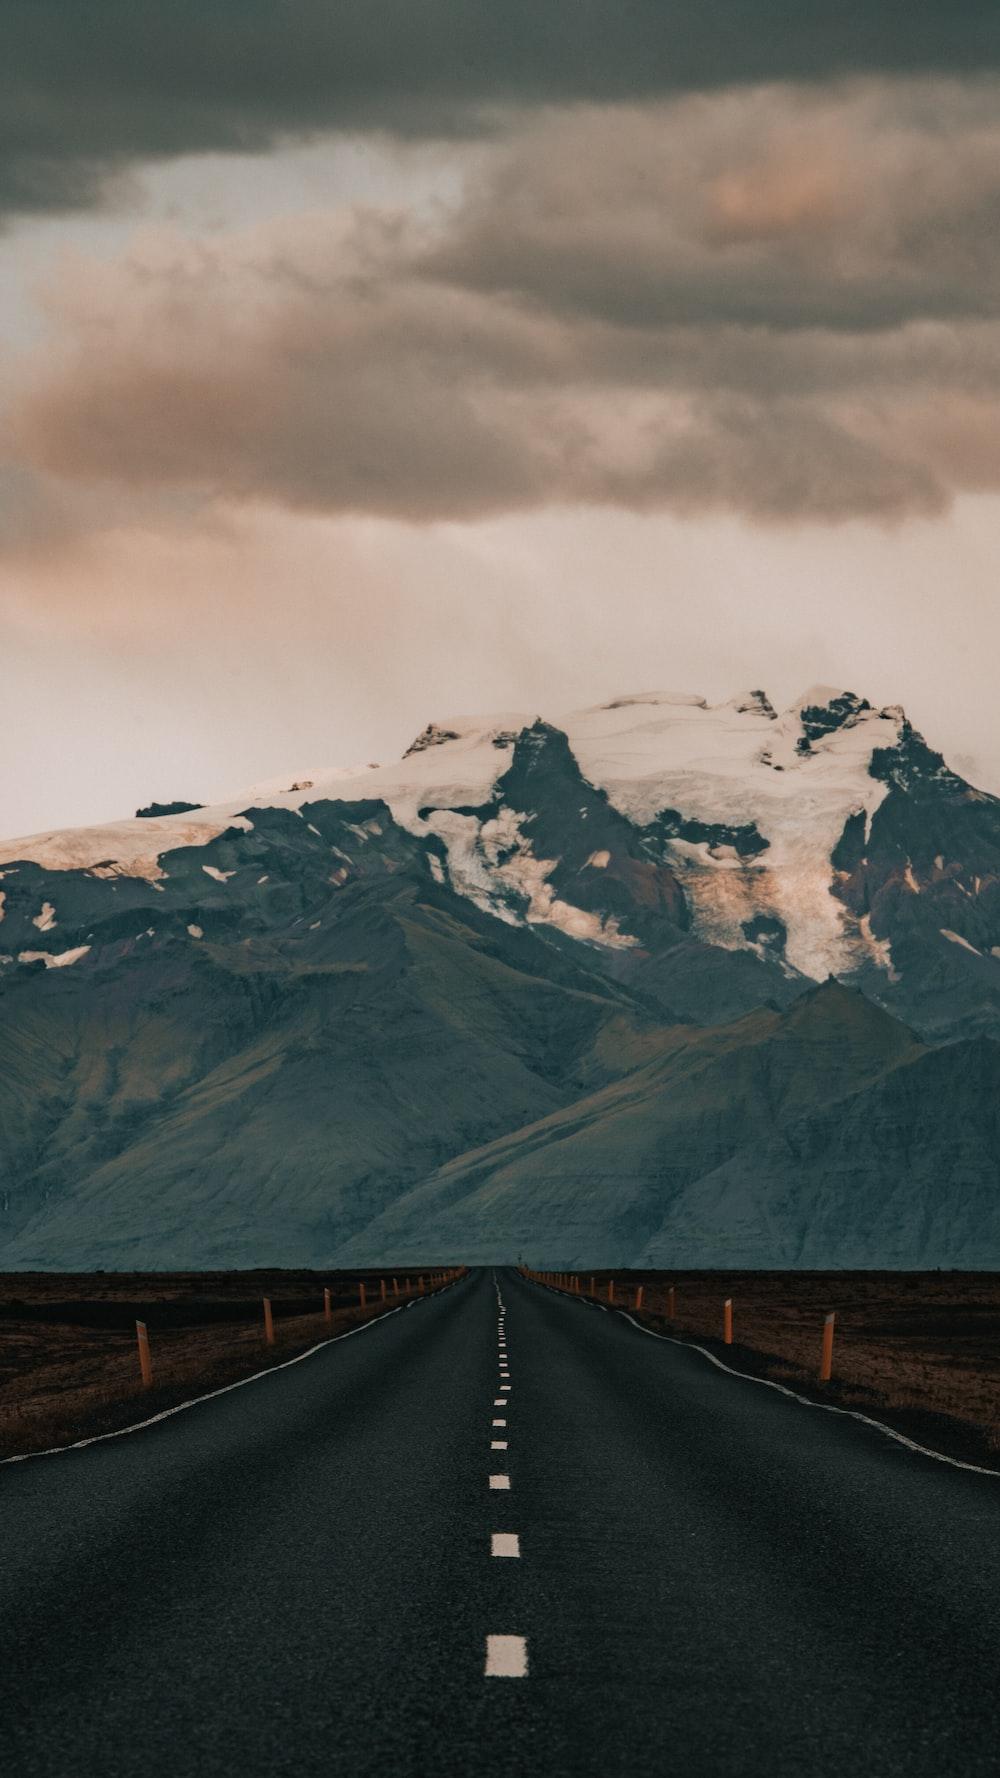 empty road under grey sky